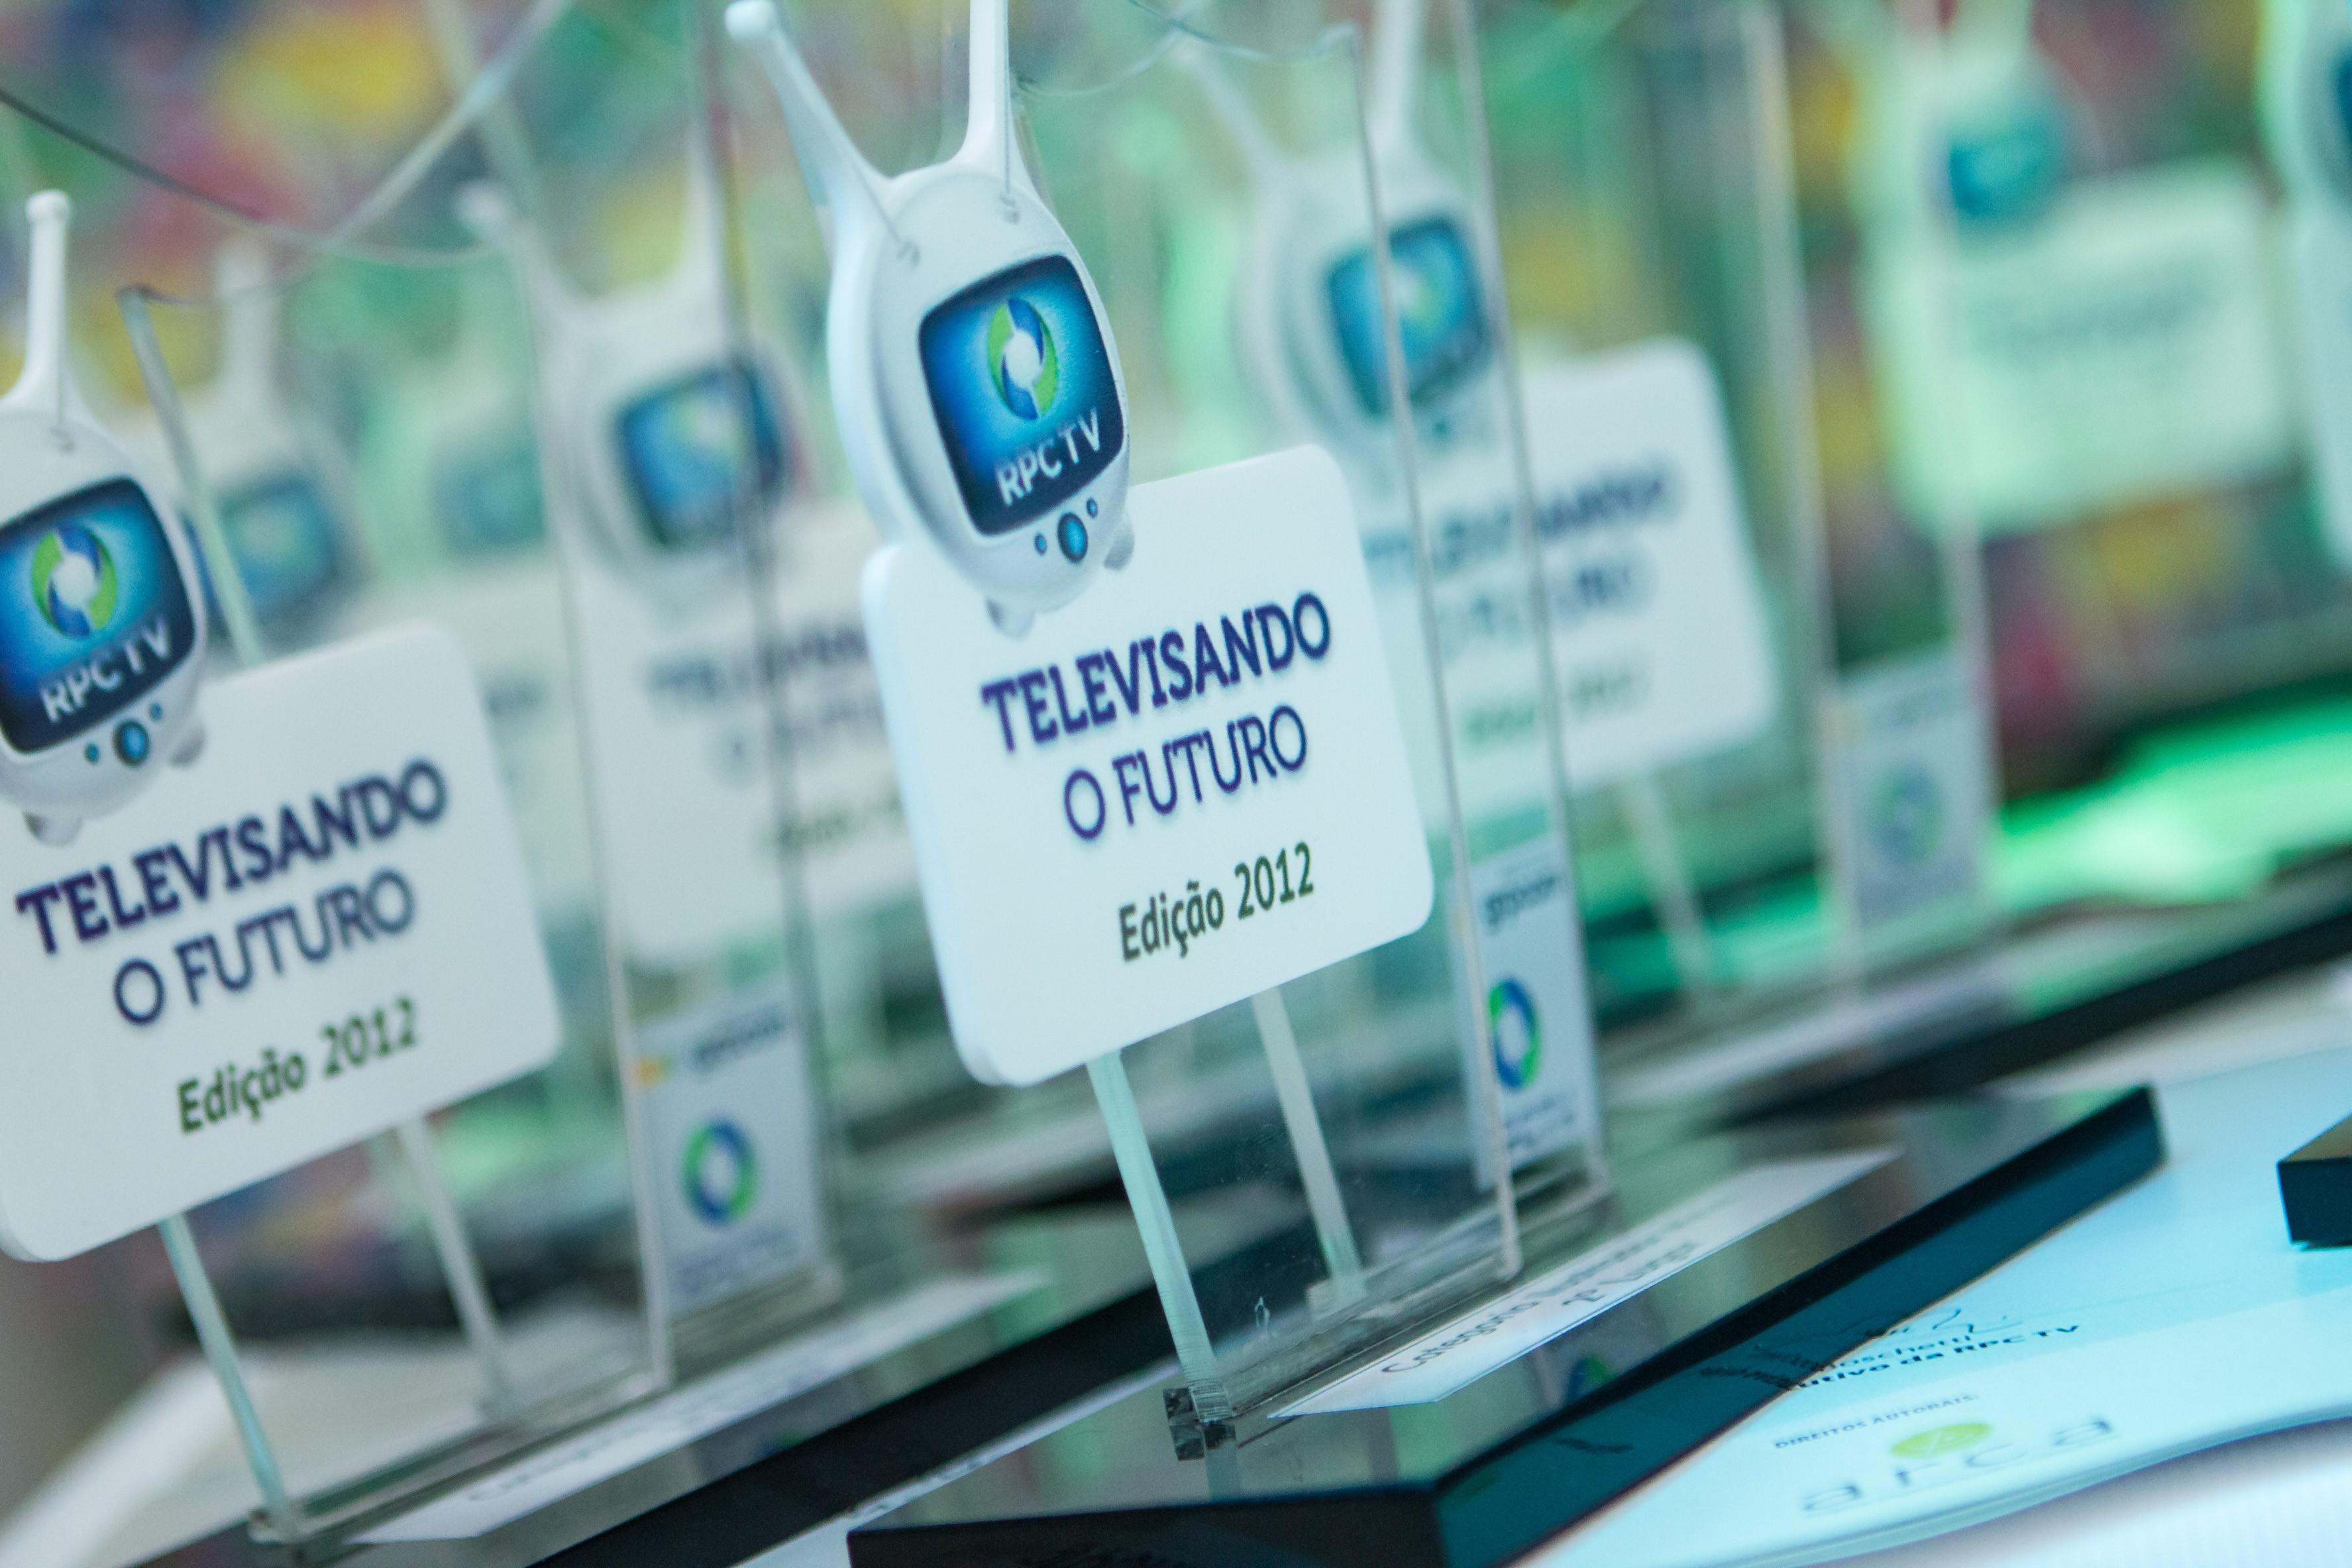 Concurso Cultural do Televisando o Futuro: Premiação dos trabalhos da Regional Paranavaí (Foto: Luciano Meireles / RPC TV)